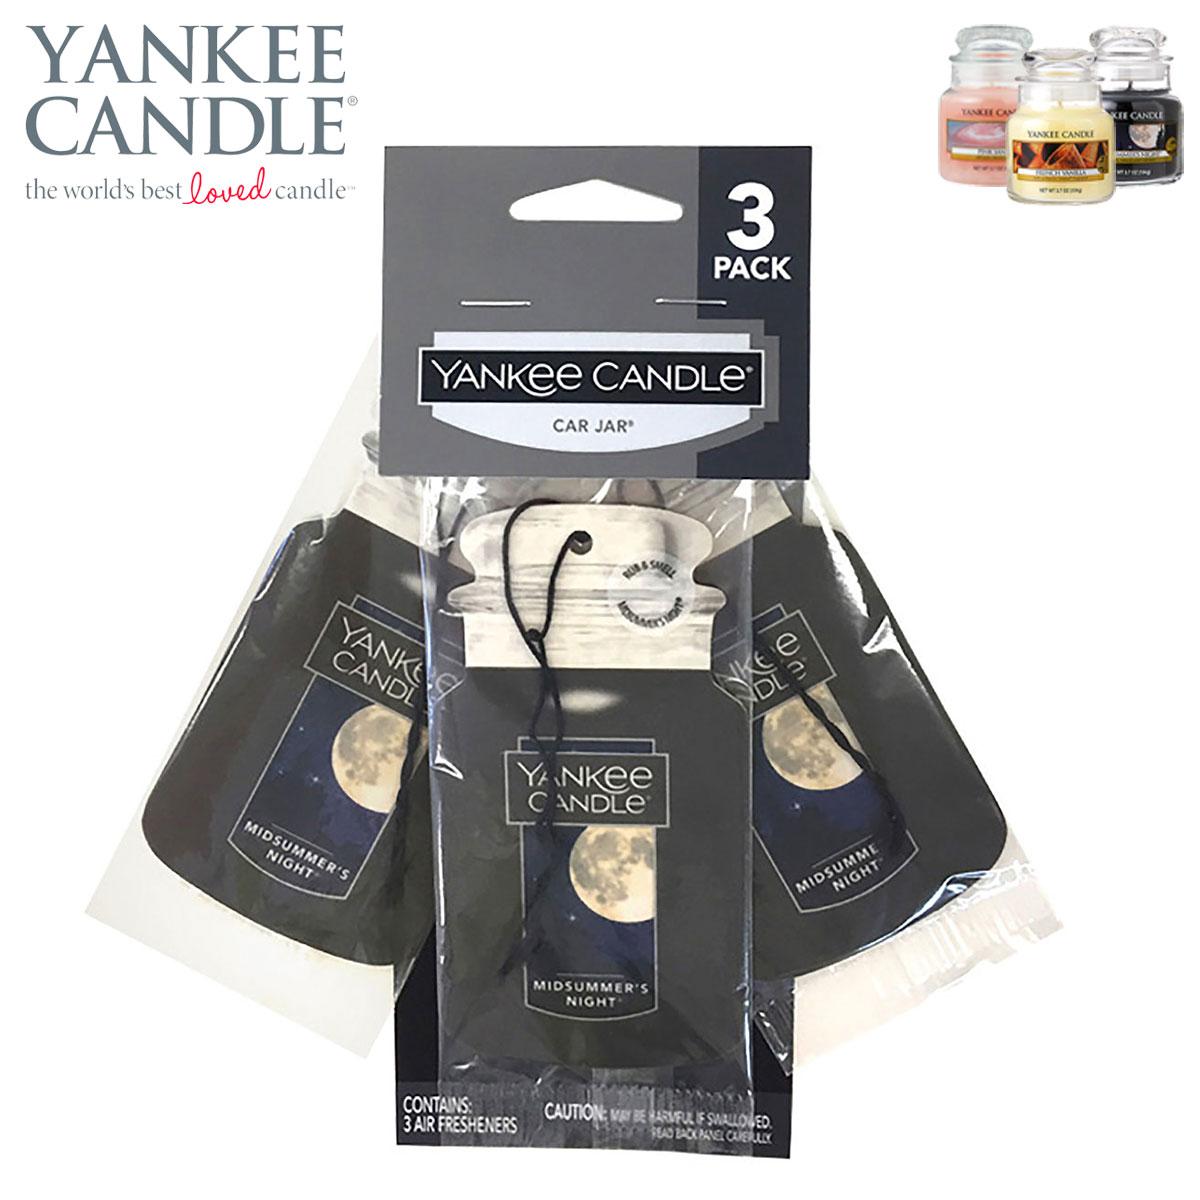 ヤンキーキャンドル フレグランス 正規販売店 YANKEE CANDLE 車用芳香剤 エアーフレッシュナー YCカージャー ボーナスパック 3PACK ミッドサマーズナイト K3180511 A49B B3C C3D D0E E00F